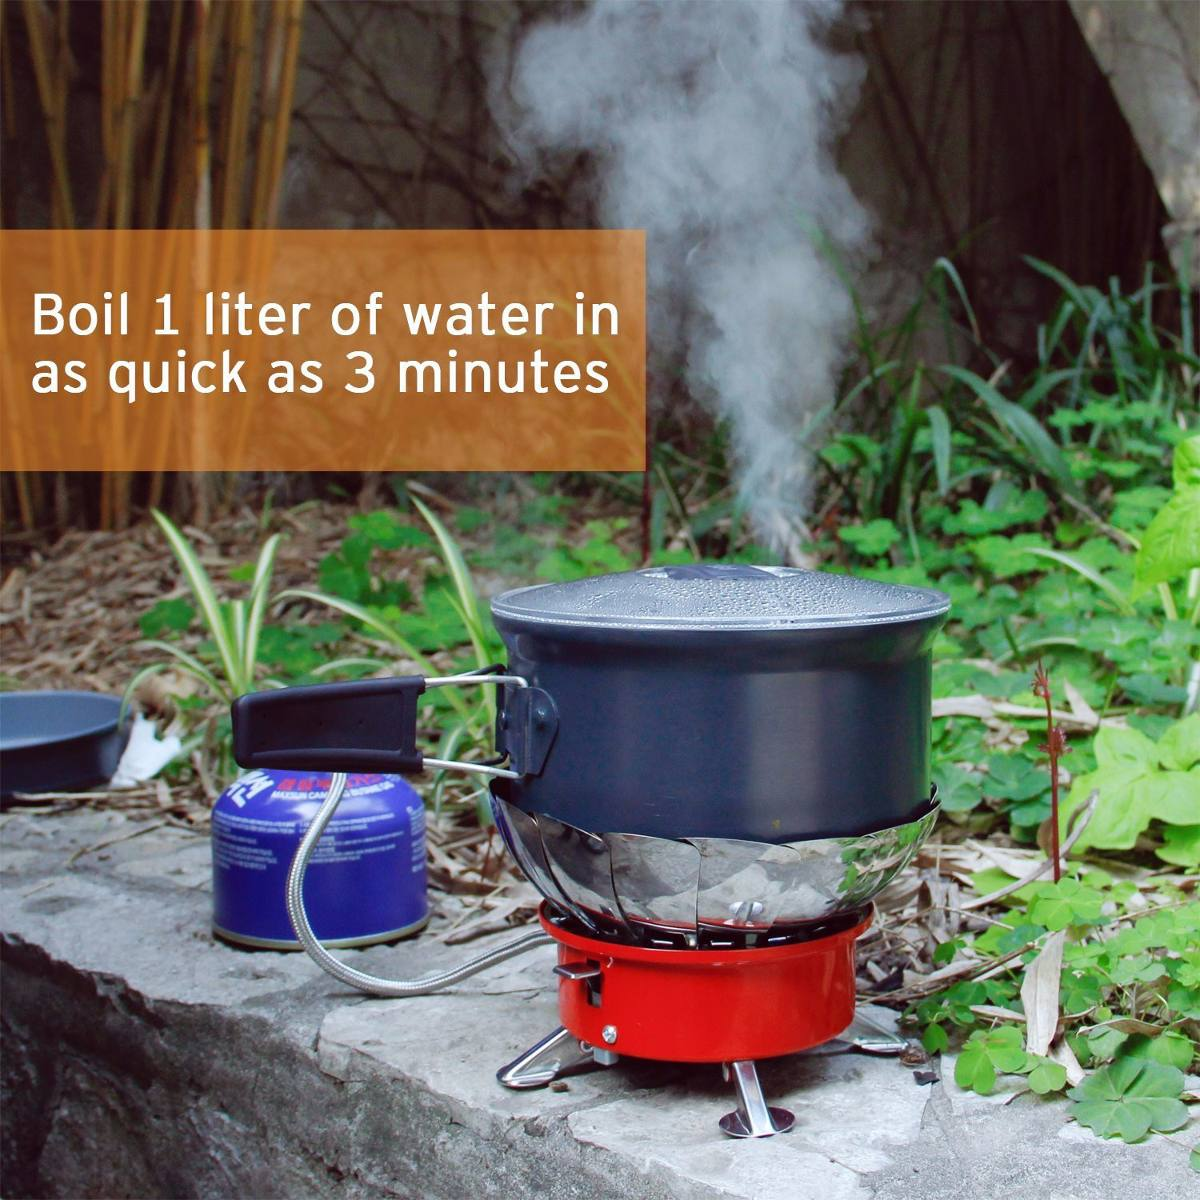 Estufa gas portatil camping acampar picnic cocinar - Estufa camping gas ...